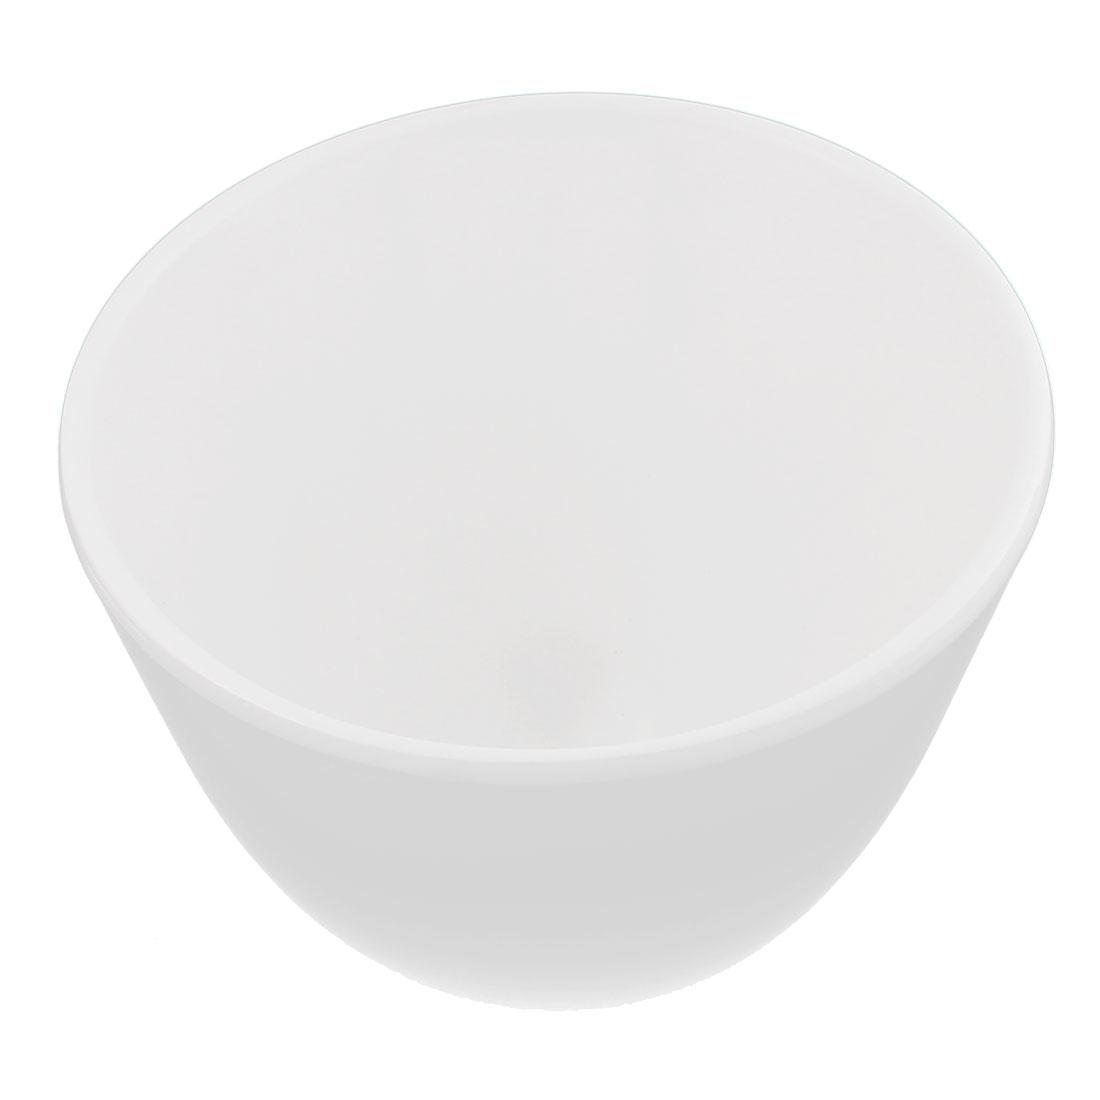 Home Kitchen Tall Slant Cut Bowl Dessert Bowls White